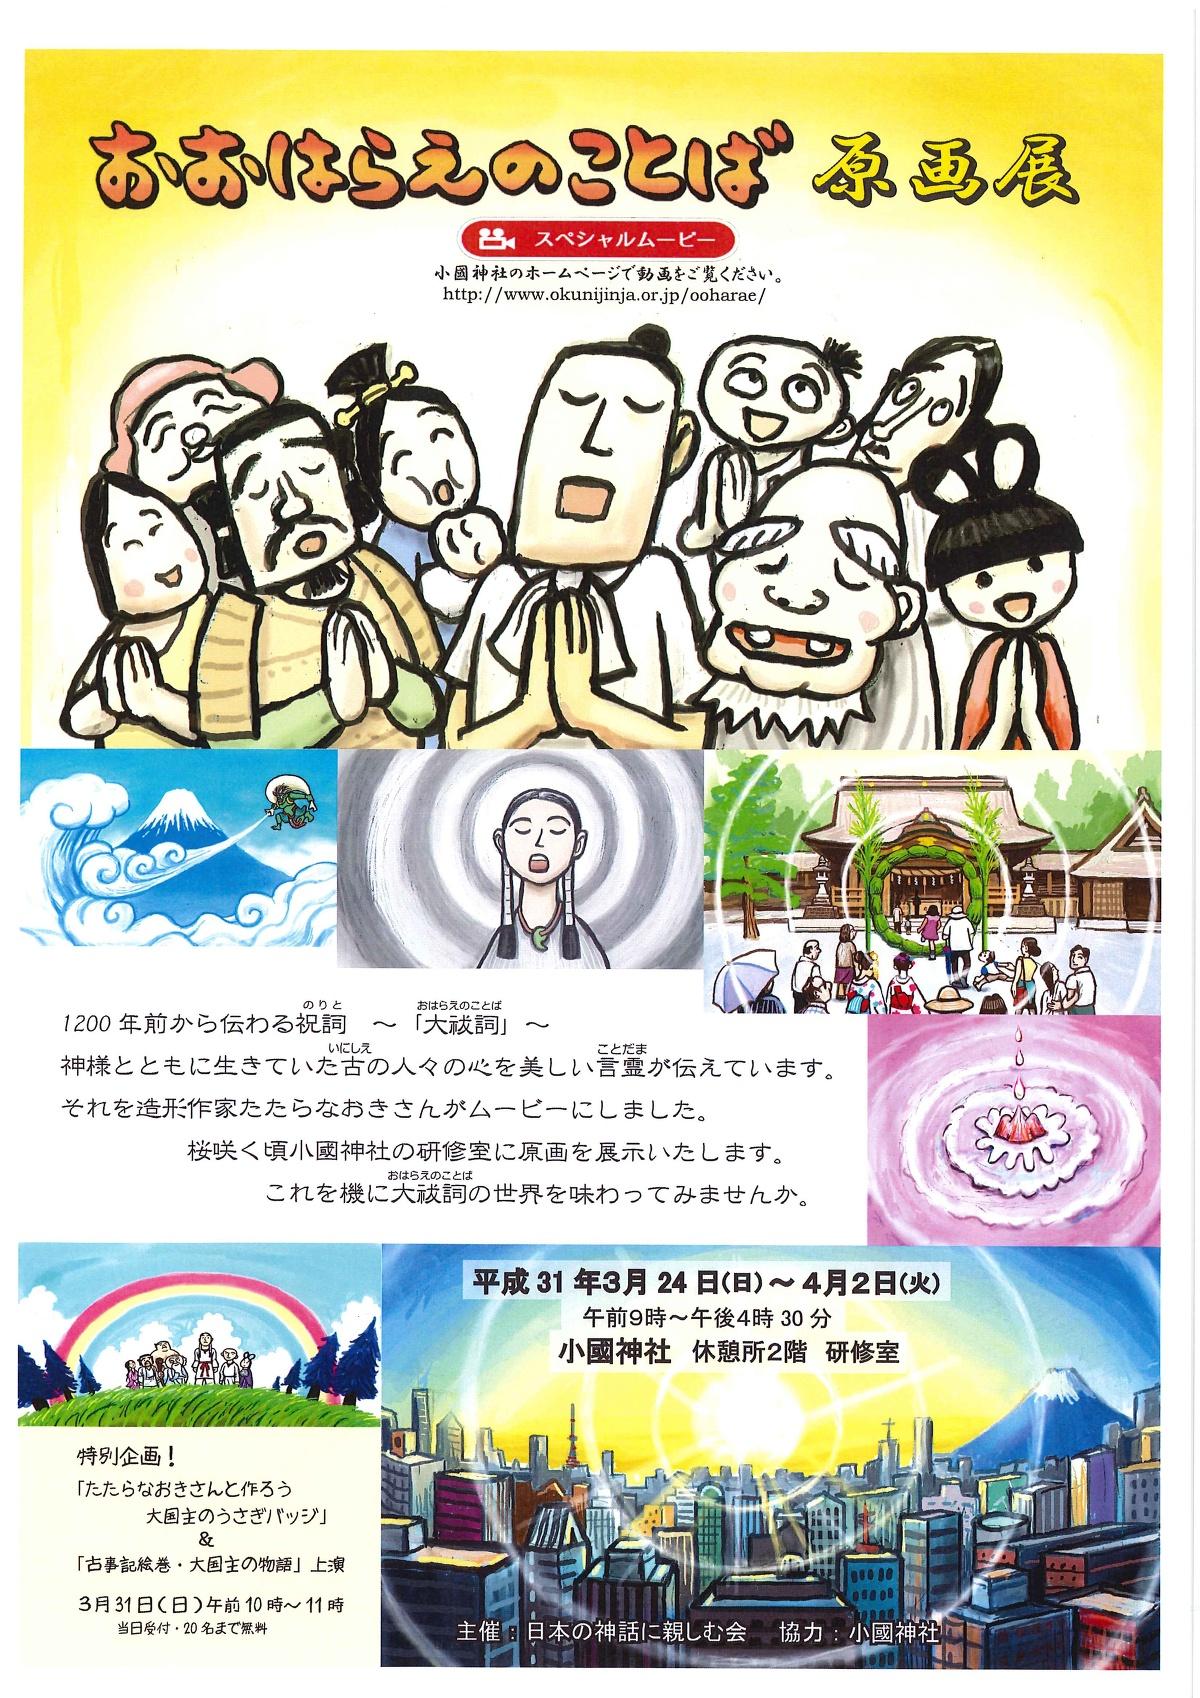 平成31年3月24日(日)~4月2日(日)アニメーション「おおはらえのことば」原画展開催のご案内